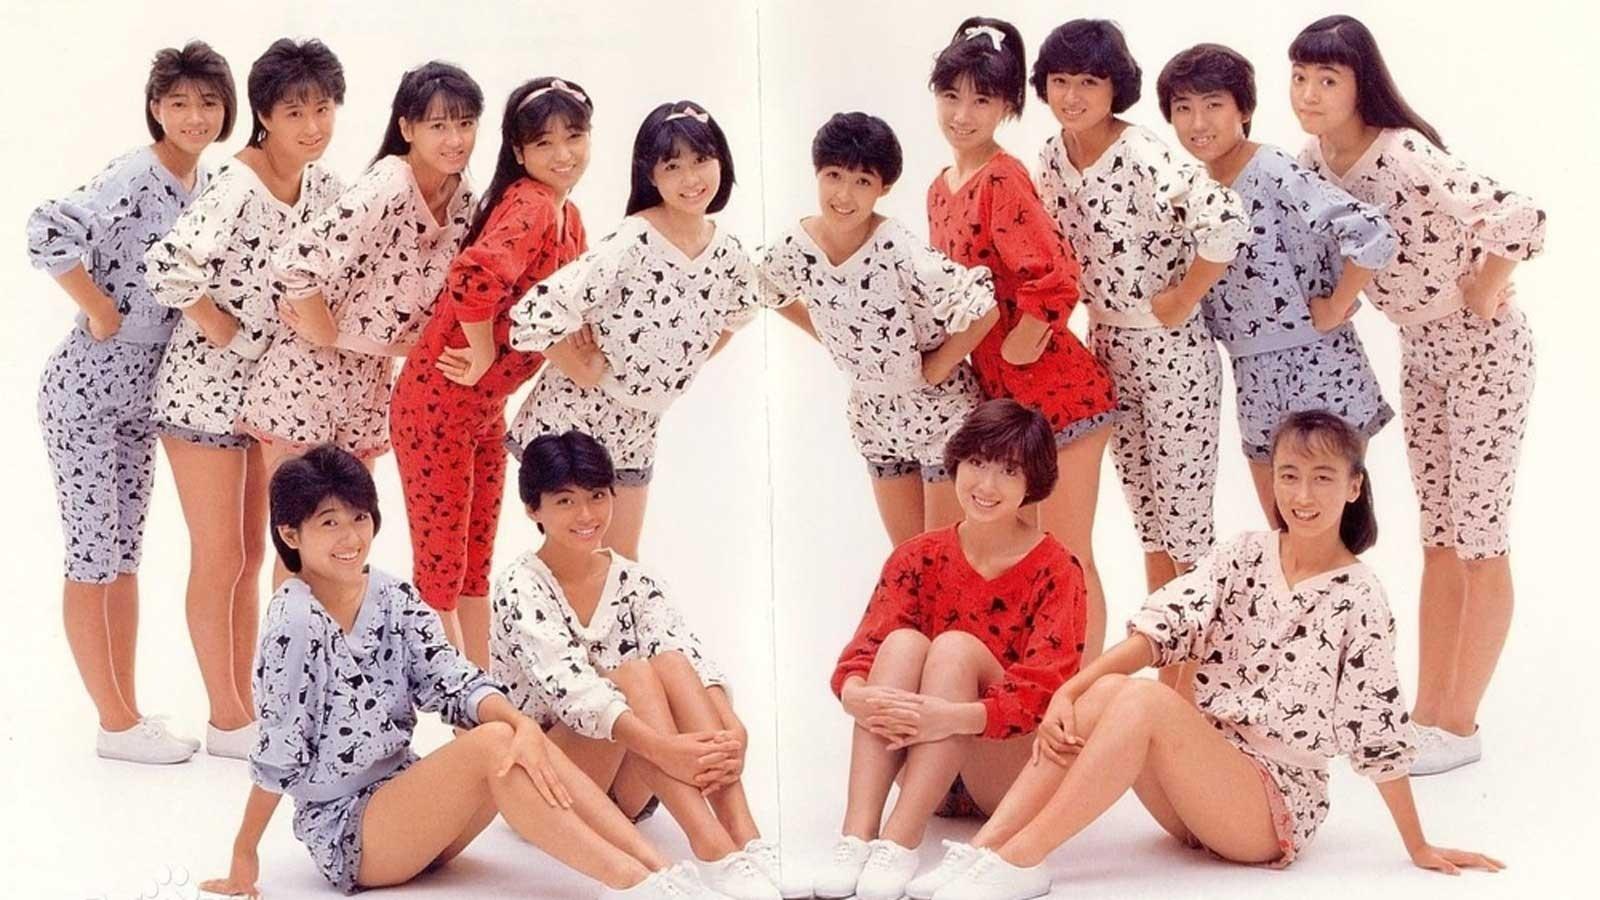 聊聊日本愛抖露之偶像全盛期